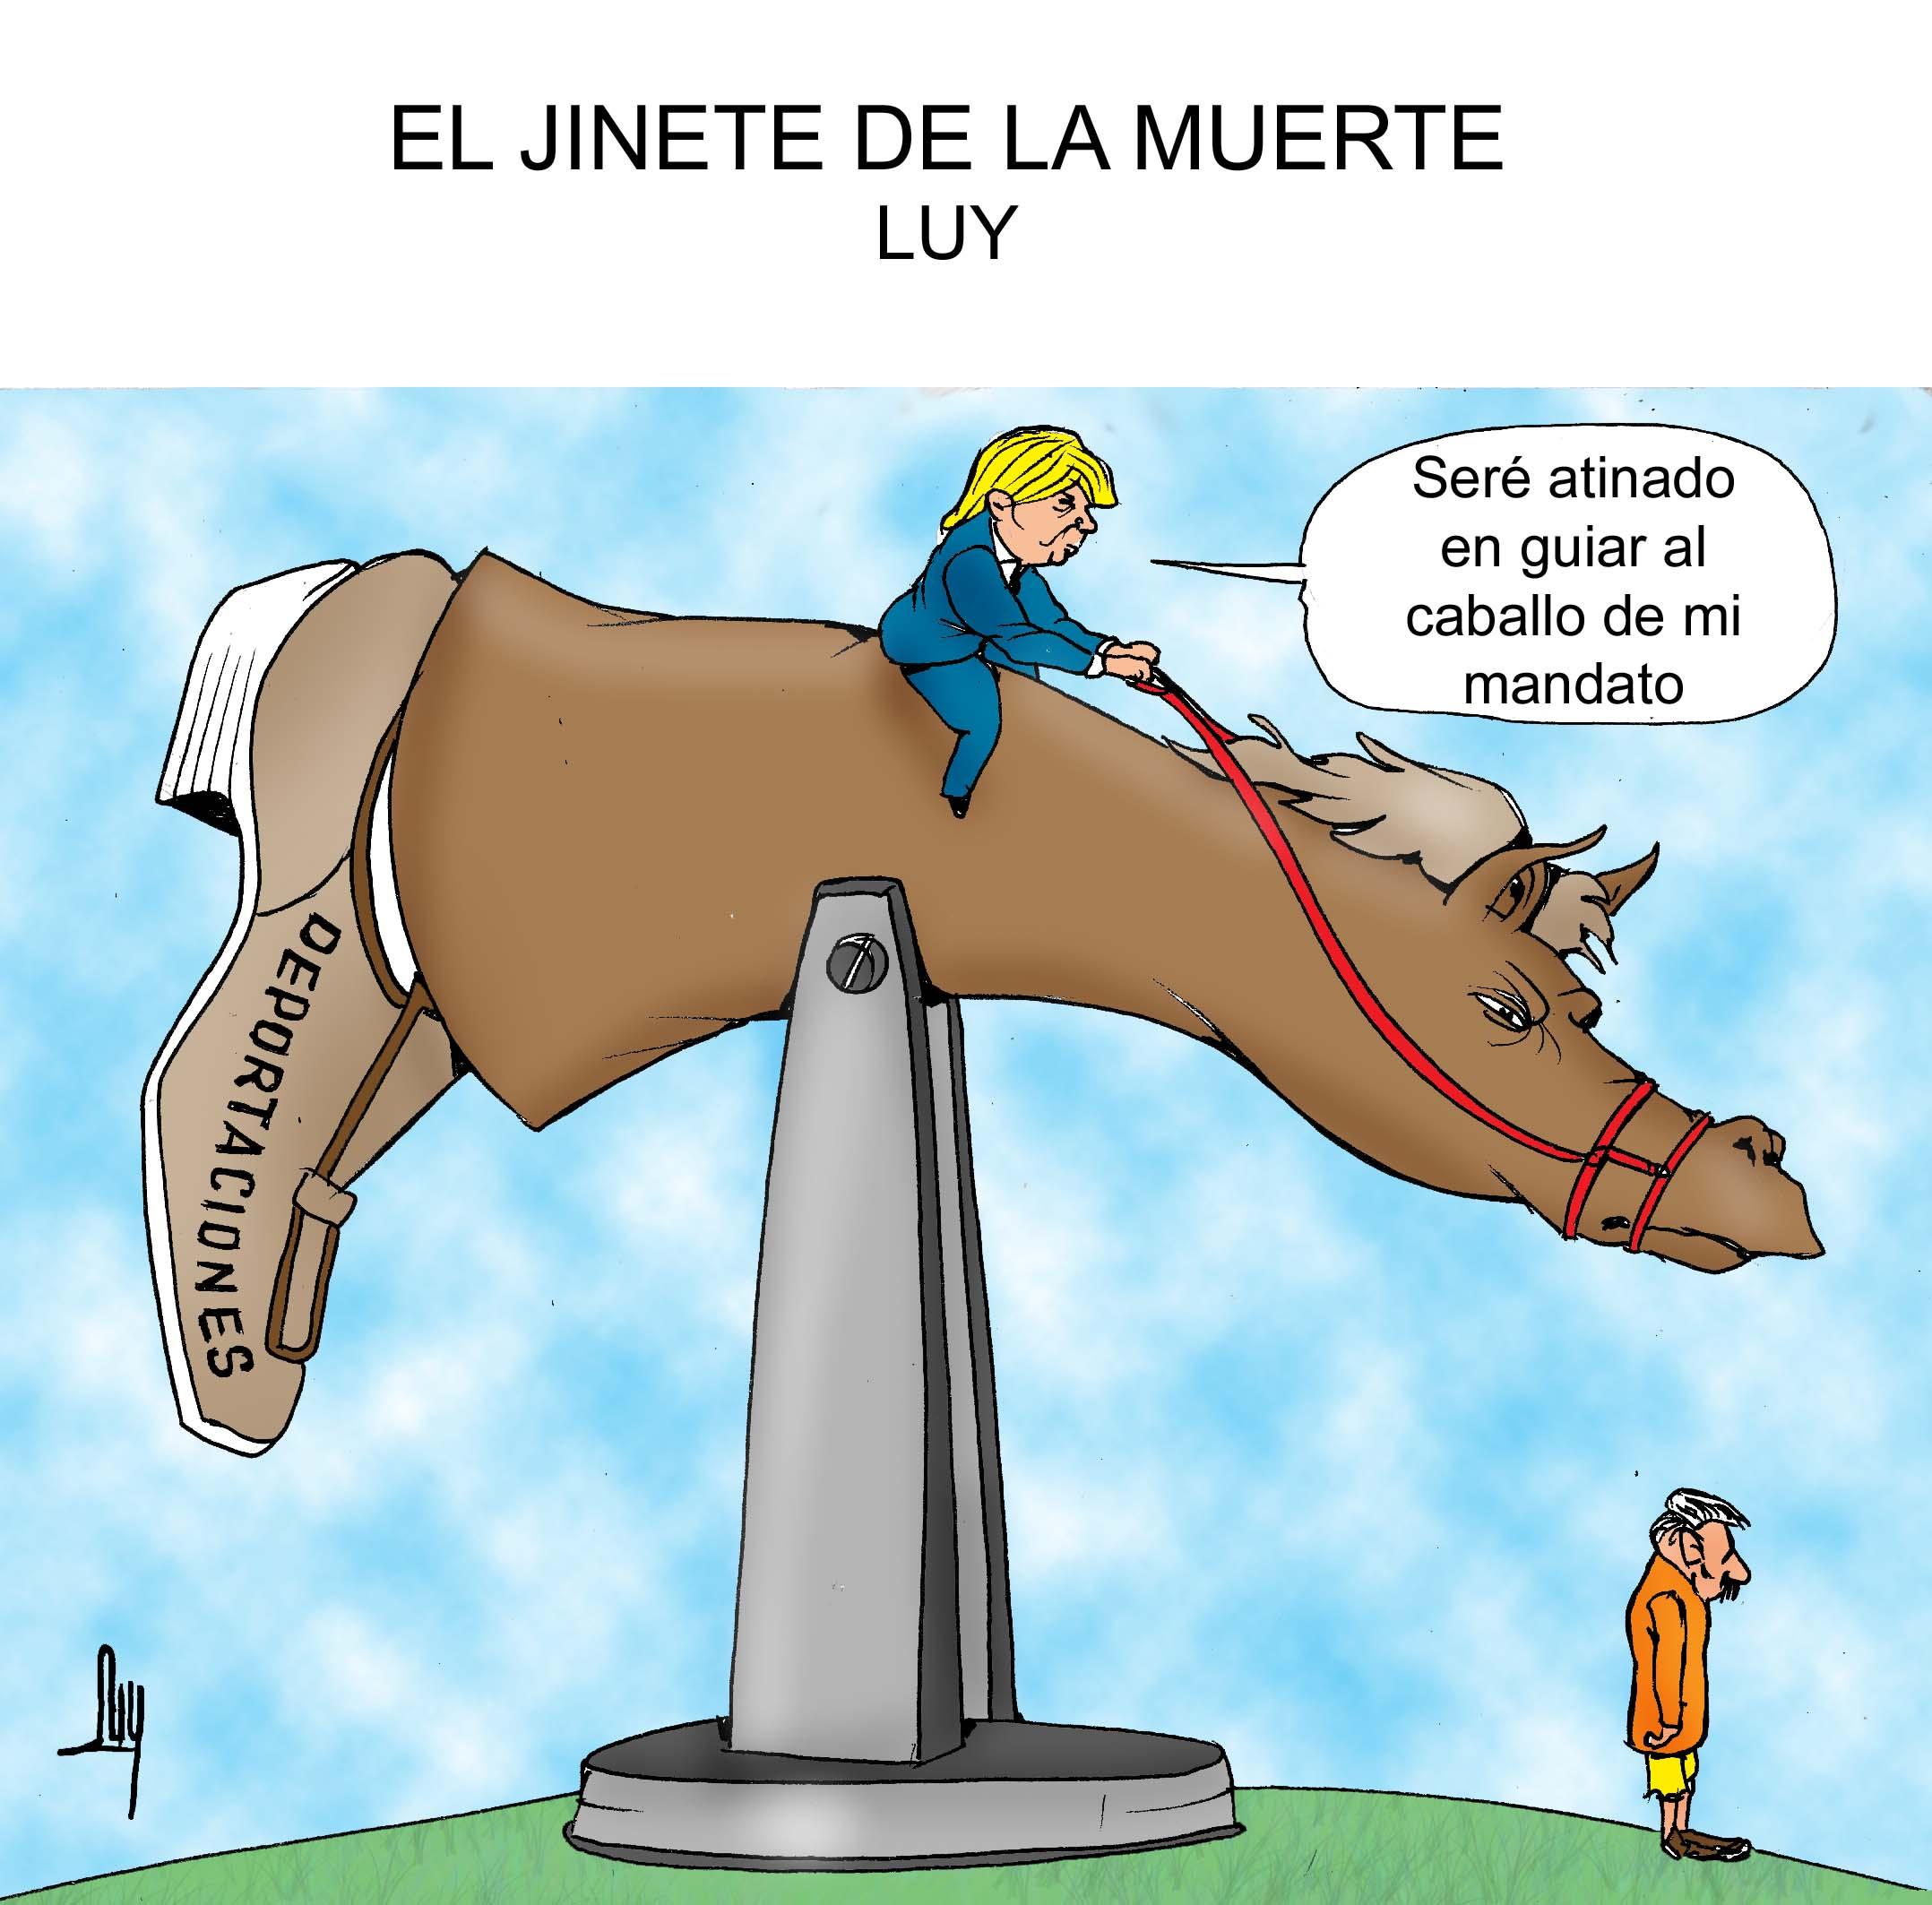 jinete-muerte